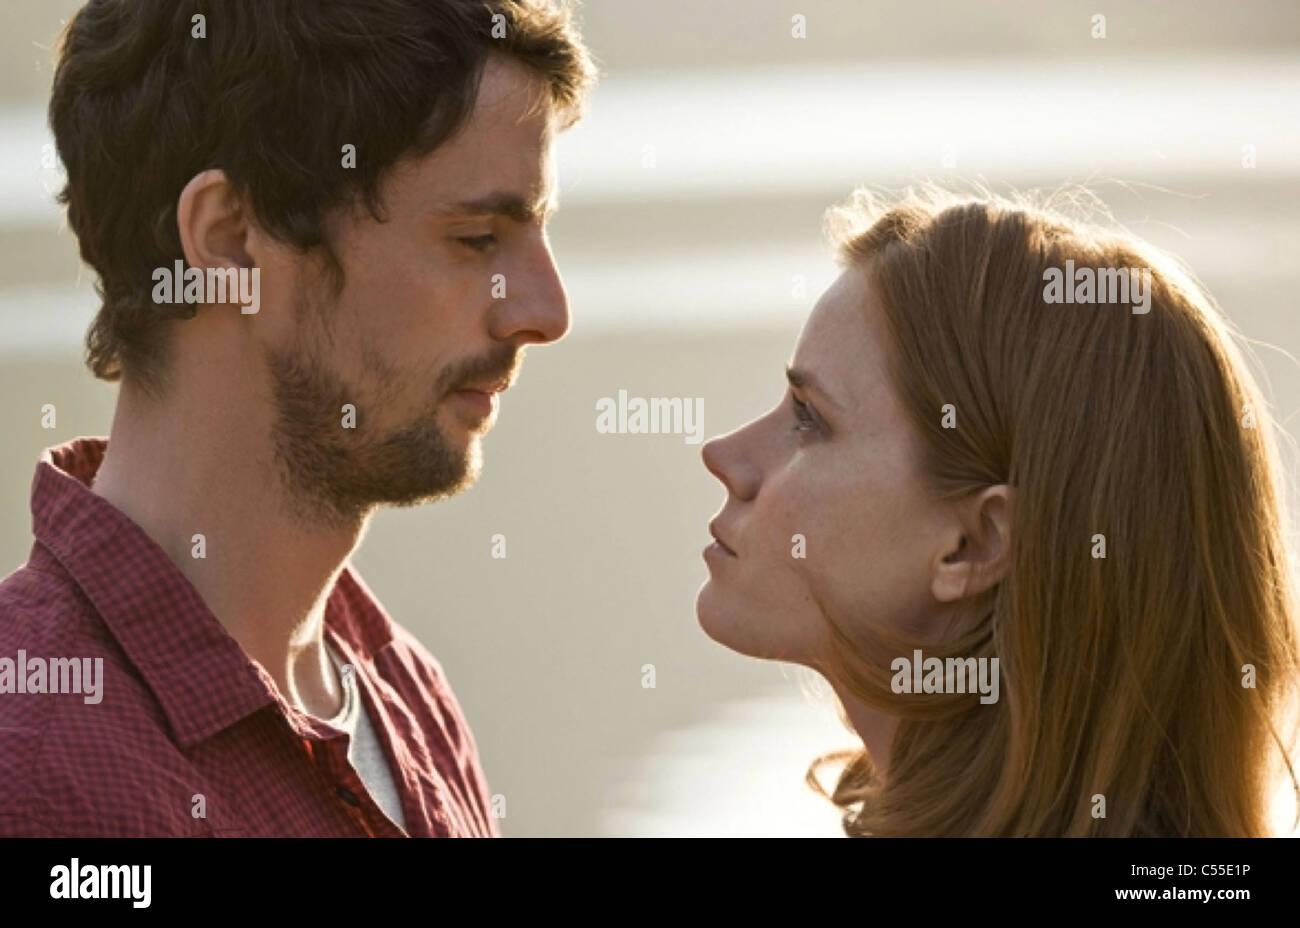 Anno bisestile 2010 film universale con Amy Adams e Matthew Goode Immagini Stock